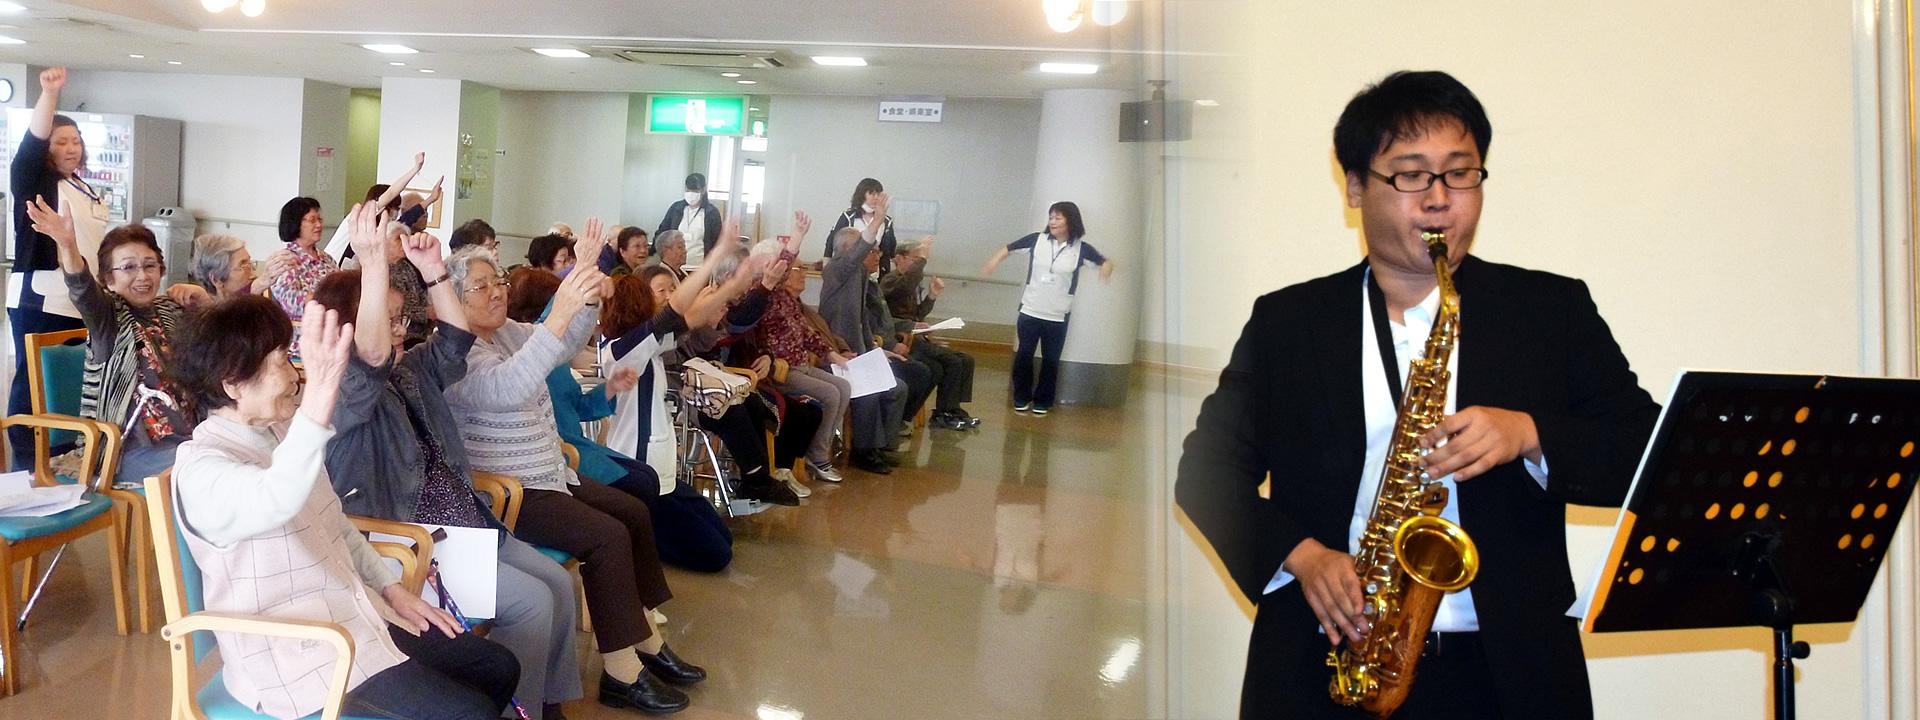 福岡県中間市の音楽教室 OFFICE LARGO|中間市の音楽教室なら是非当教室へ!